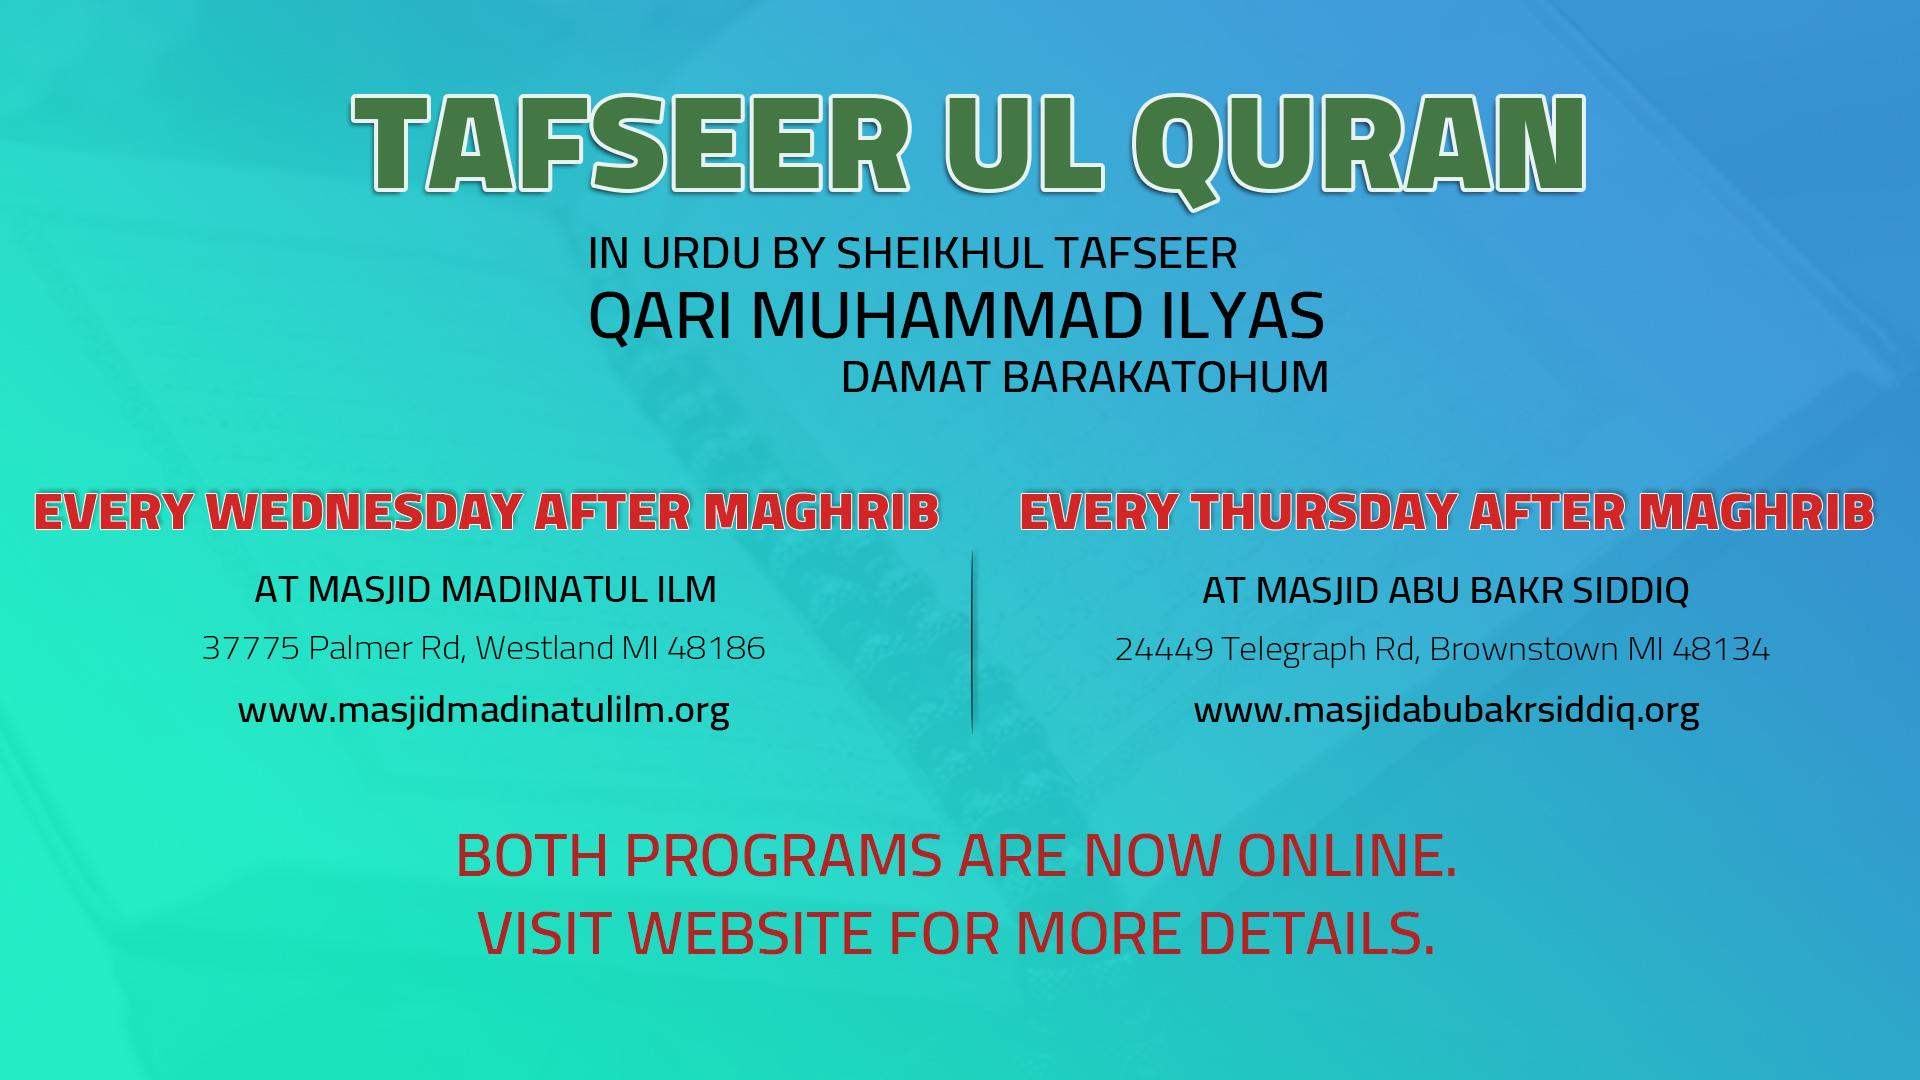 Darse Quran Poster-MAGHRIB